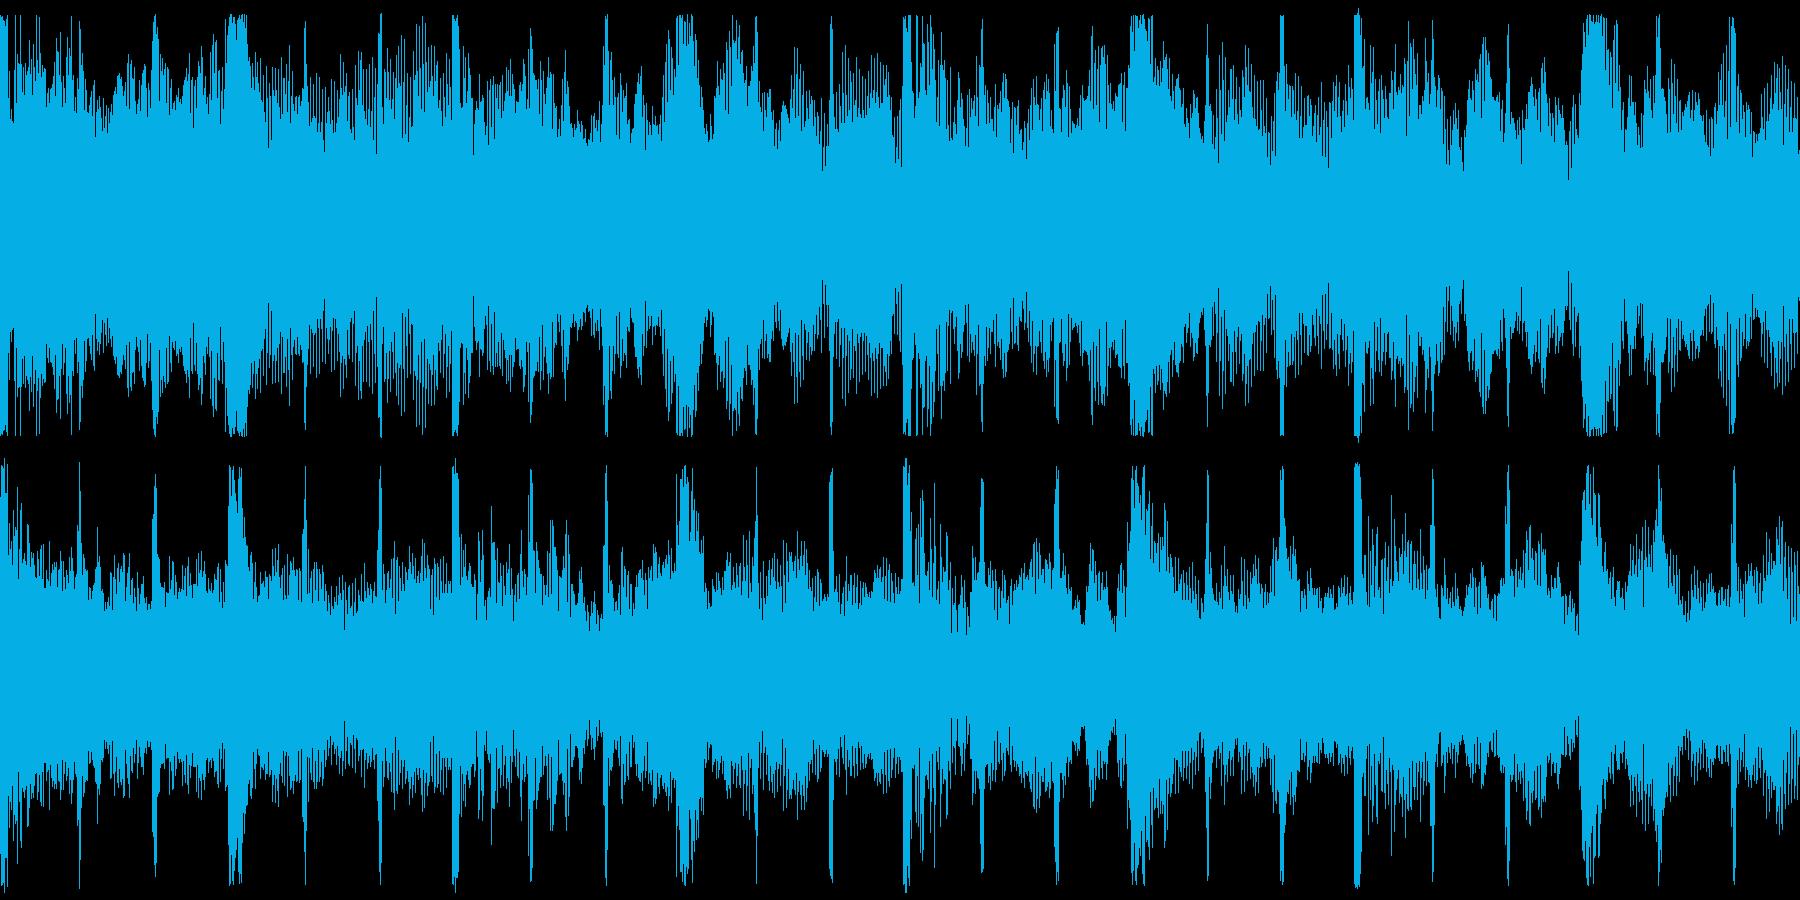 感動表現、CM,ブライダル、ループ2の再生済みの波形